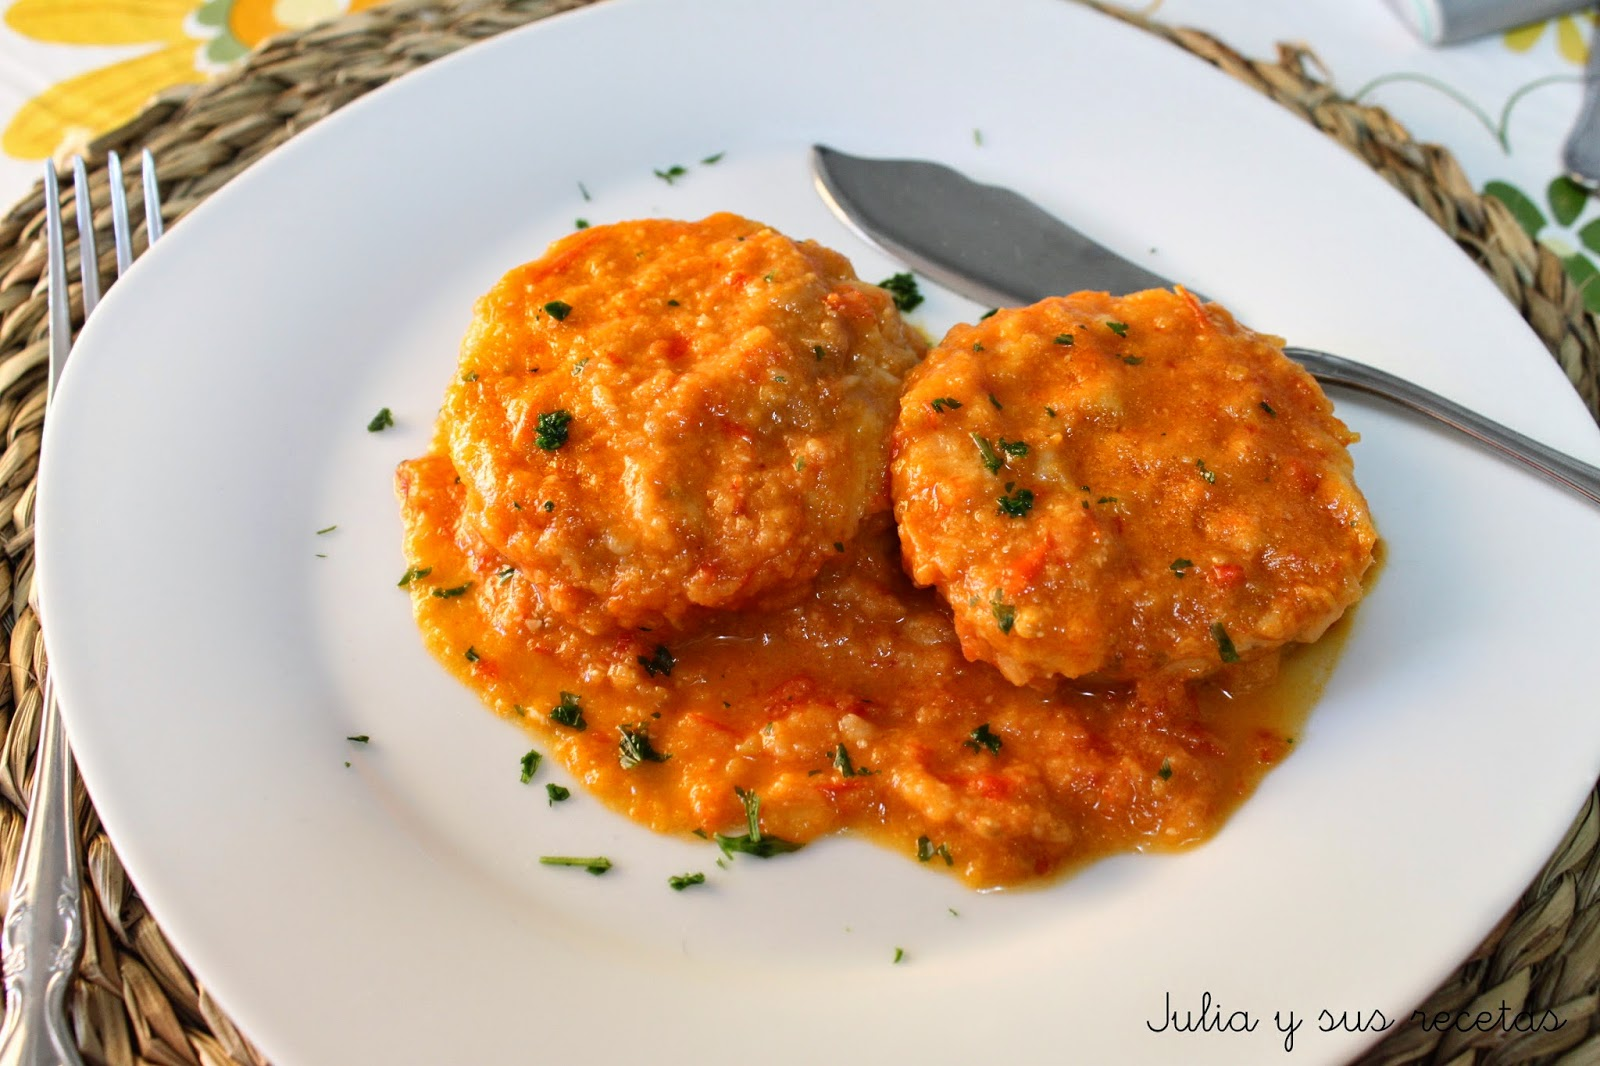 Medallones de merluza en salsa. Julia y sus recetas